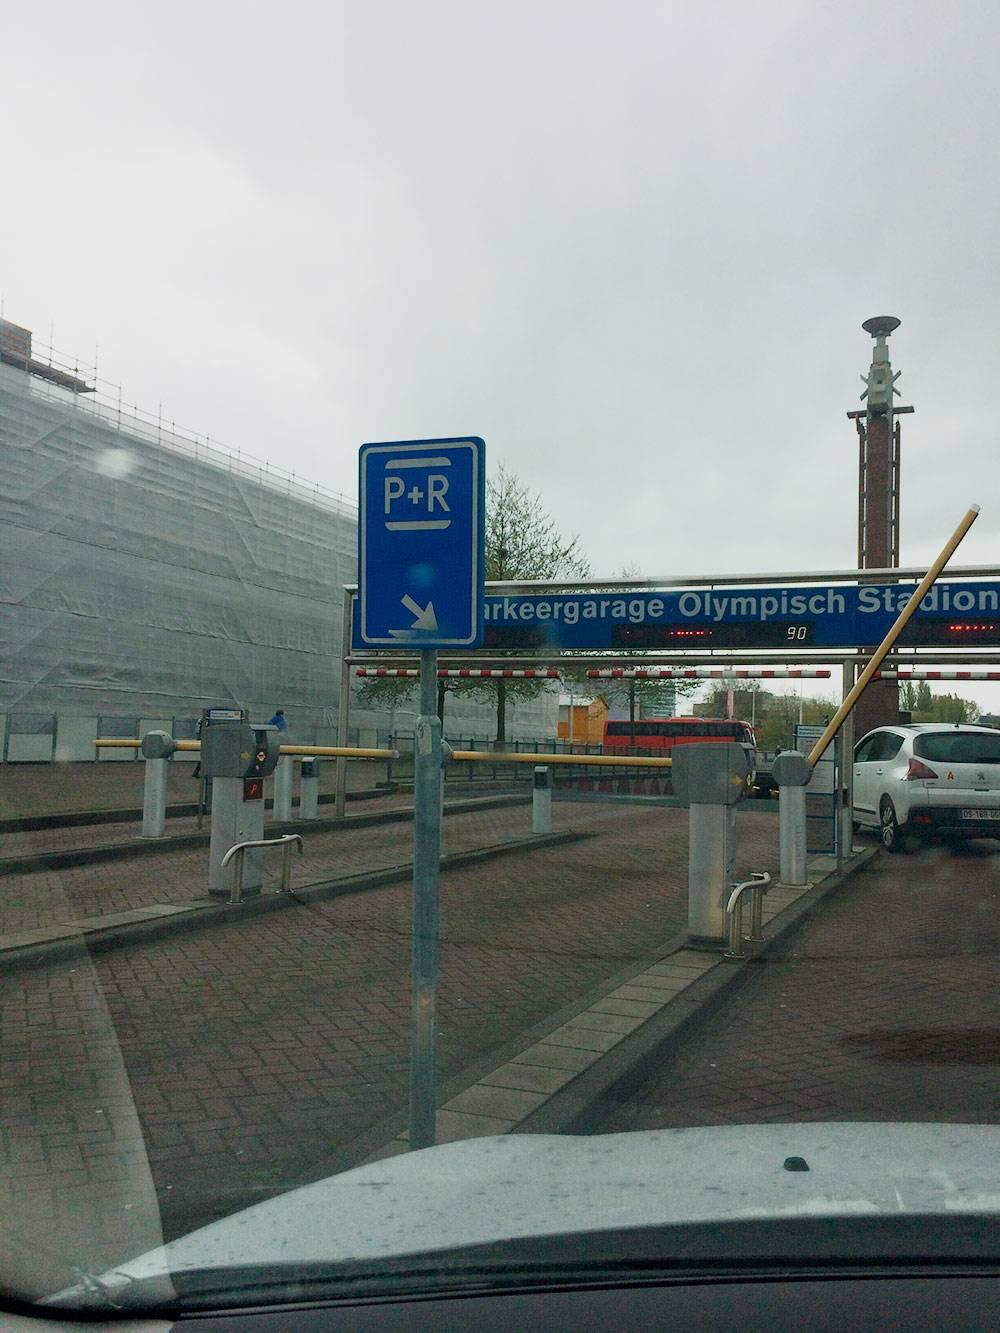 Парковка P+R в Амстердаме из предыдущей поездки весной 2017года. Никому не рекомендую перемещаться по Нидерландам на своей машине: это жутко неудобно